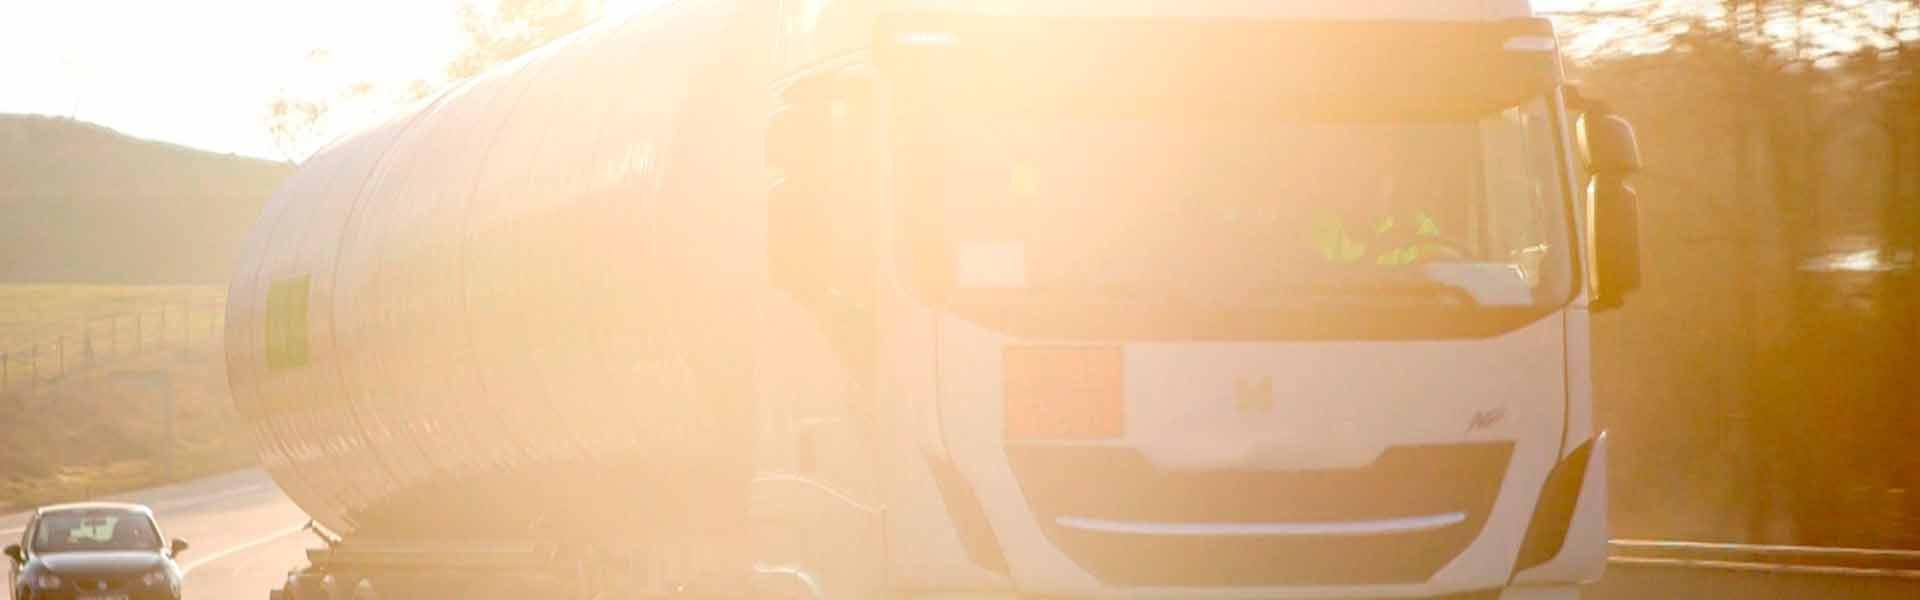 HAM Italia progetta e realizza impianti CNG-LNG, trasporta gas e si occupa della manutenzione